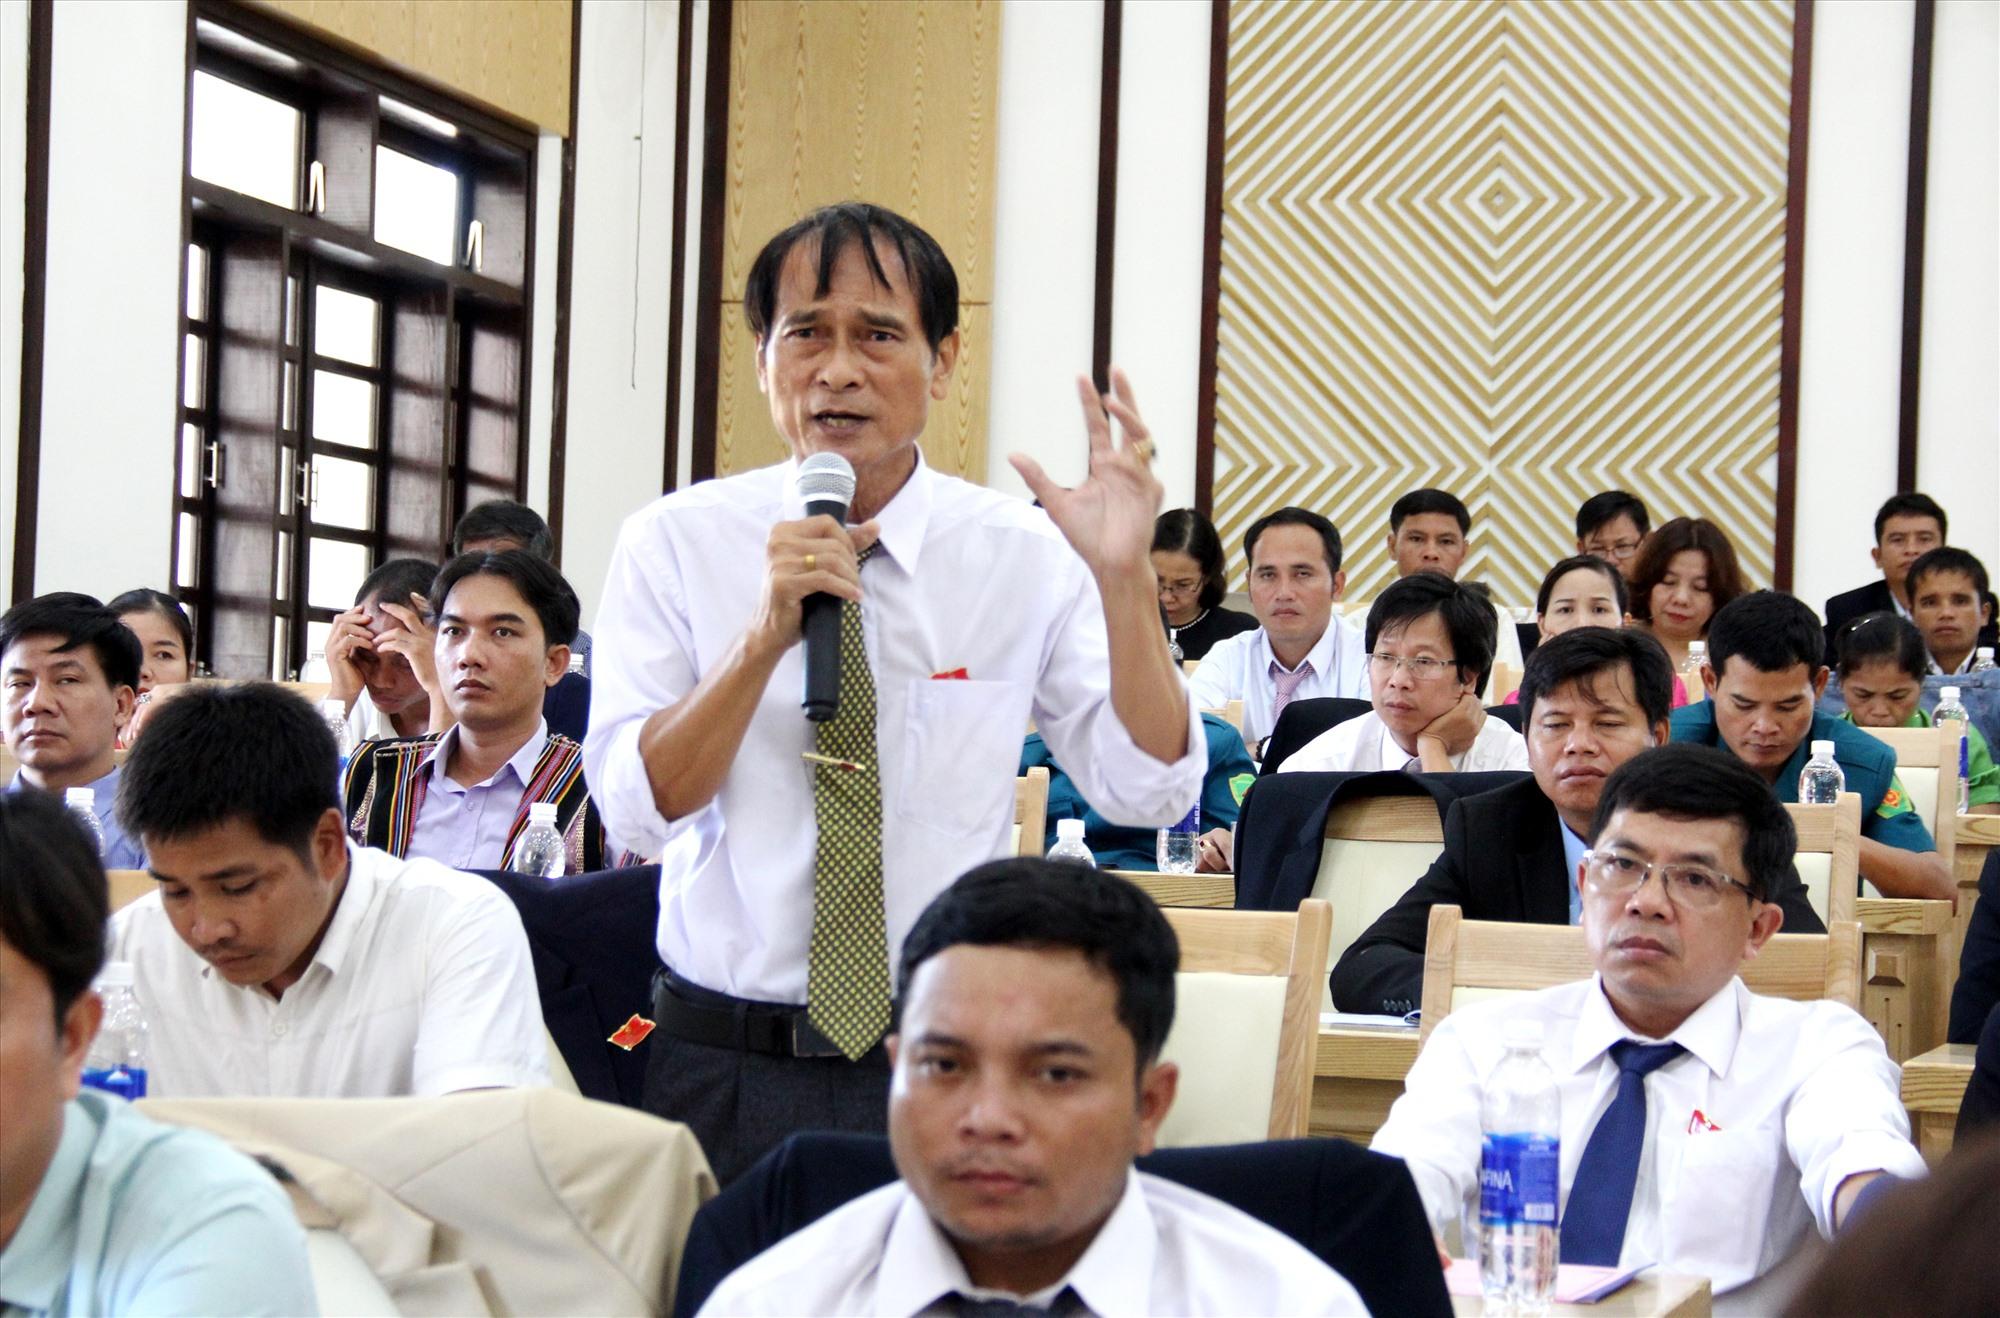 Sáng nay, mặc dù phiên thứ 3, nhưng đại hội vẫn nhận được nhiều ý kiến góp ý từ các đại biểu. Ảnh: A.N